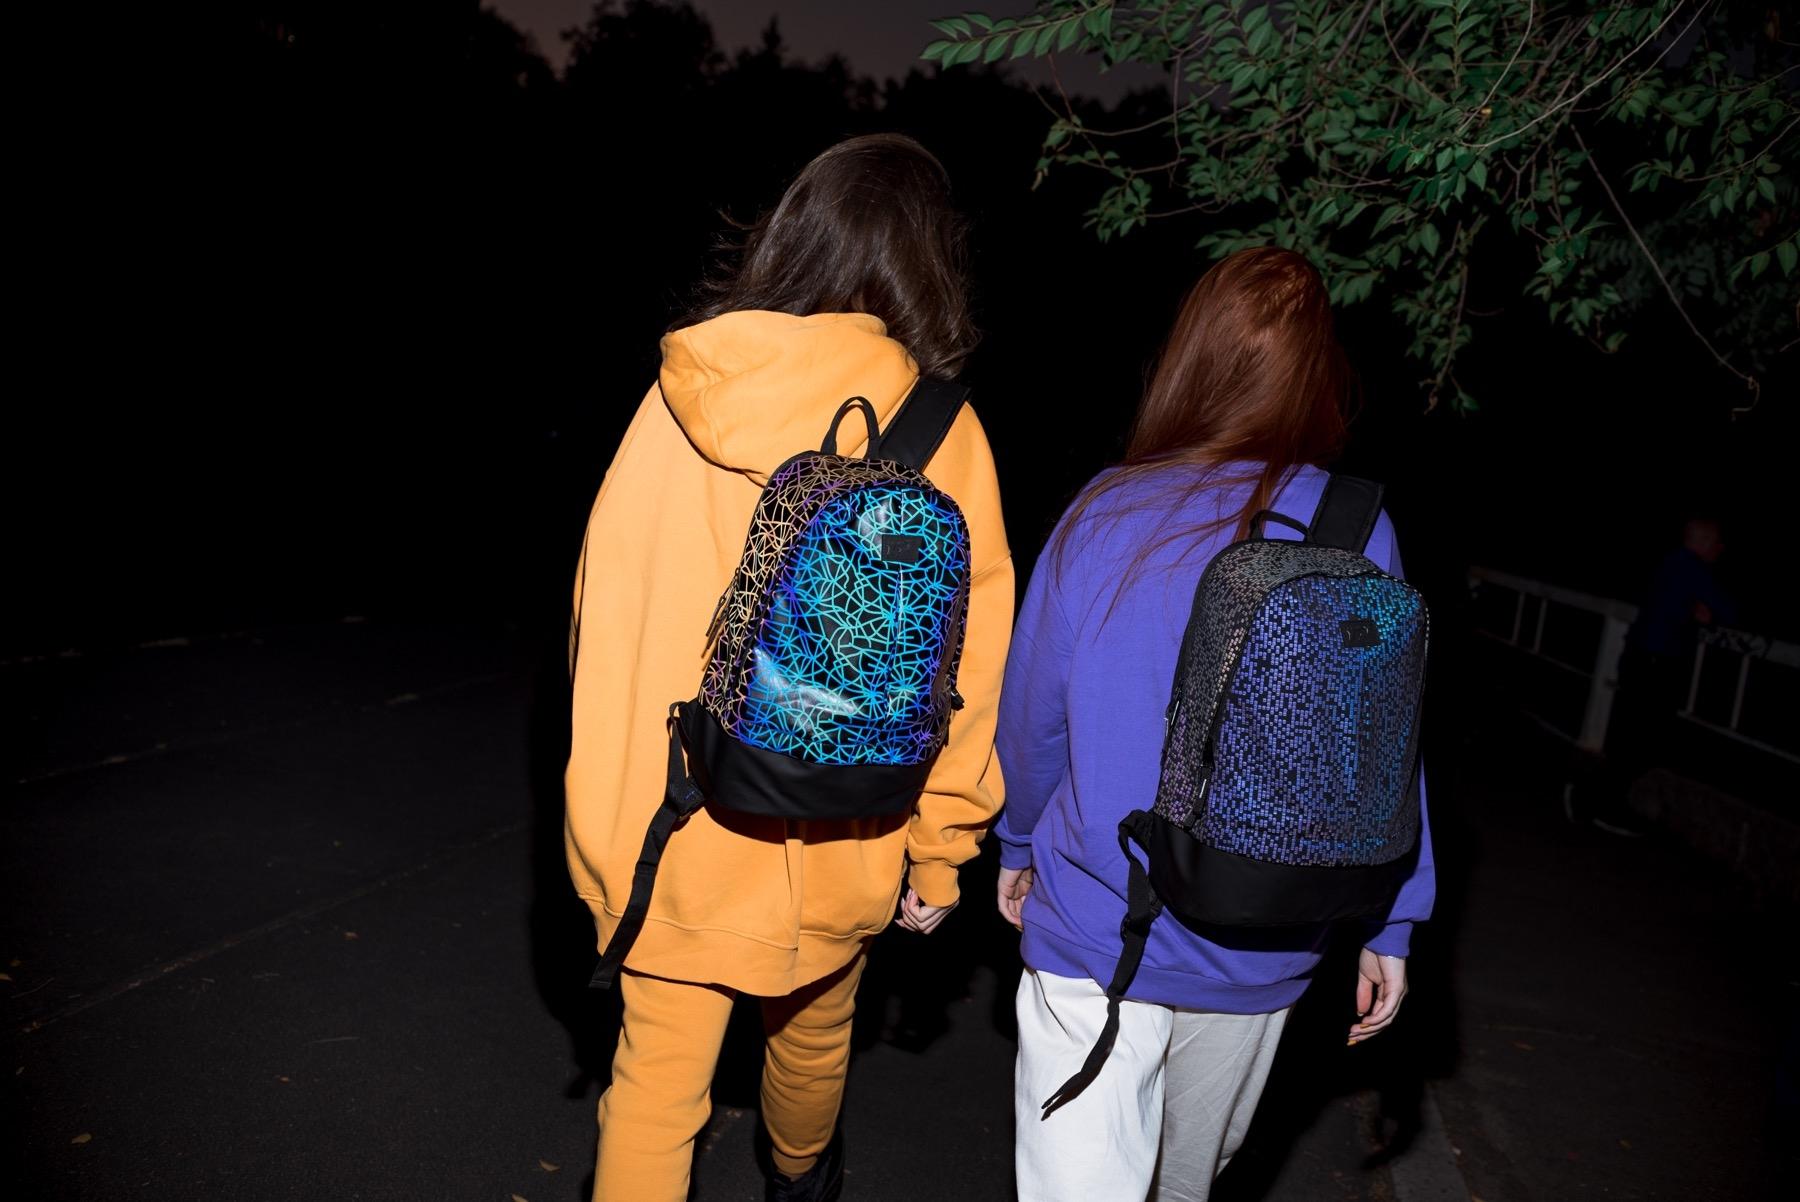 Светоотражающие рюкзаки: зачем они нужны и где их купить - фото №2